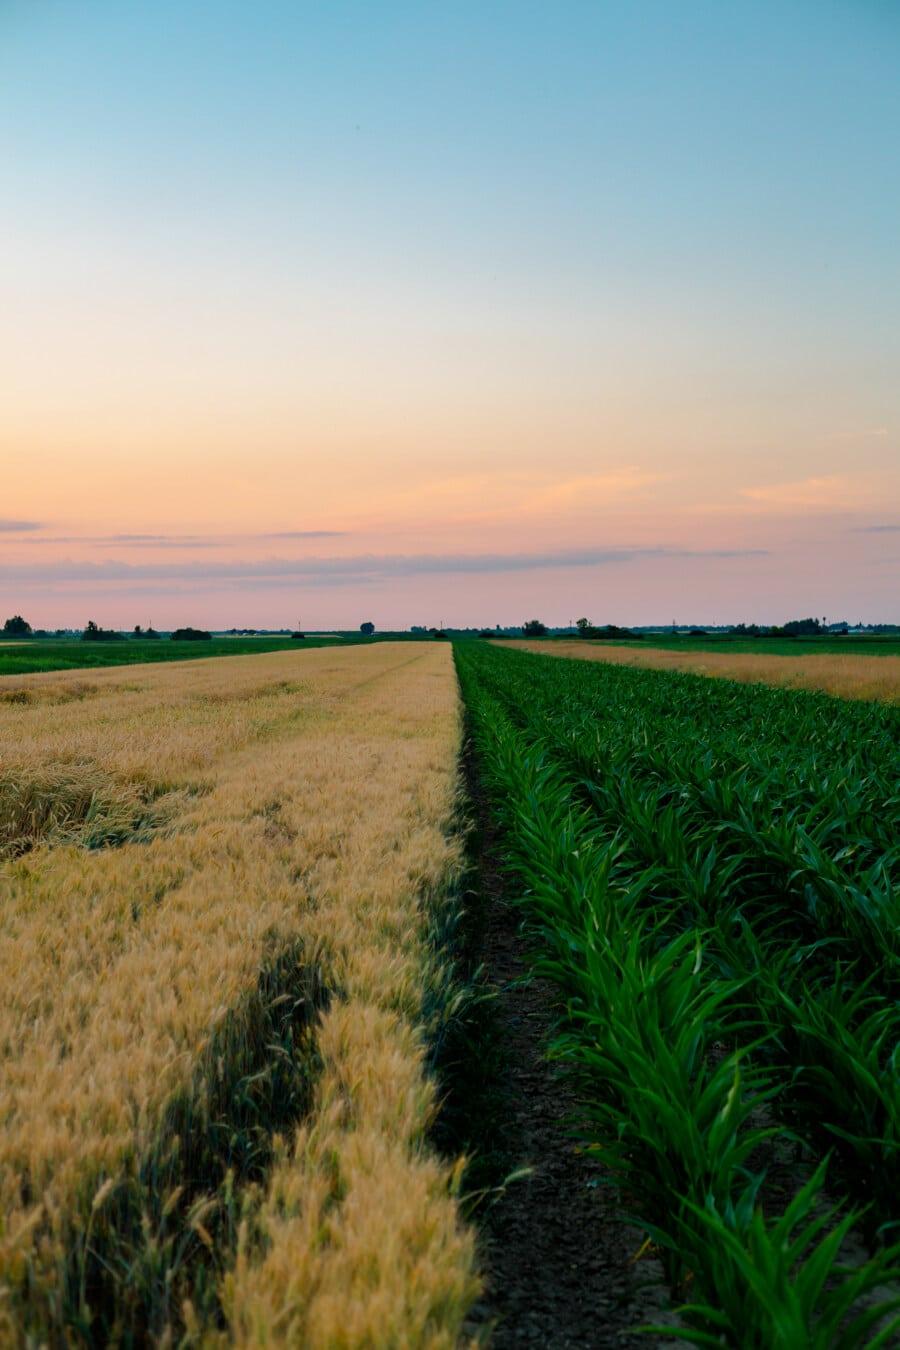 viljapelto, maissi, vehnä, Wheatfield, maatalous, kenttä, maisema, maaseudun, ruoho, maatila